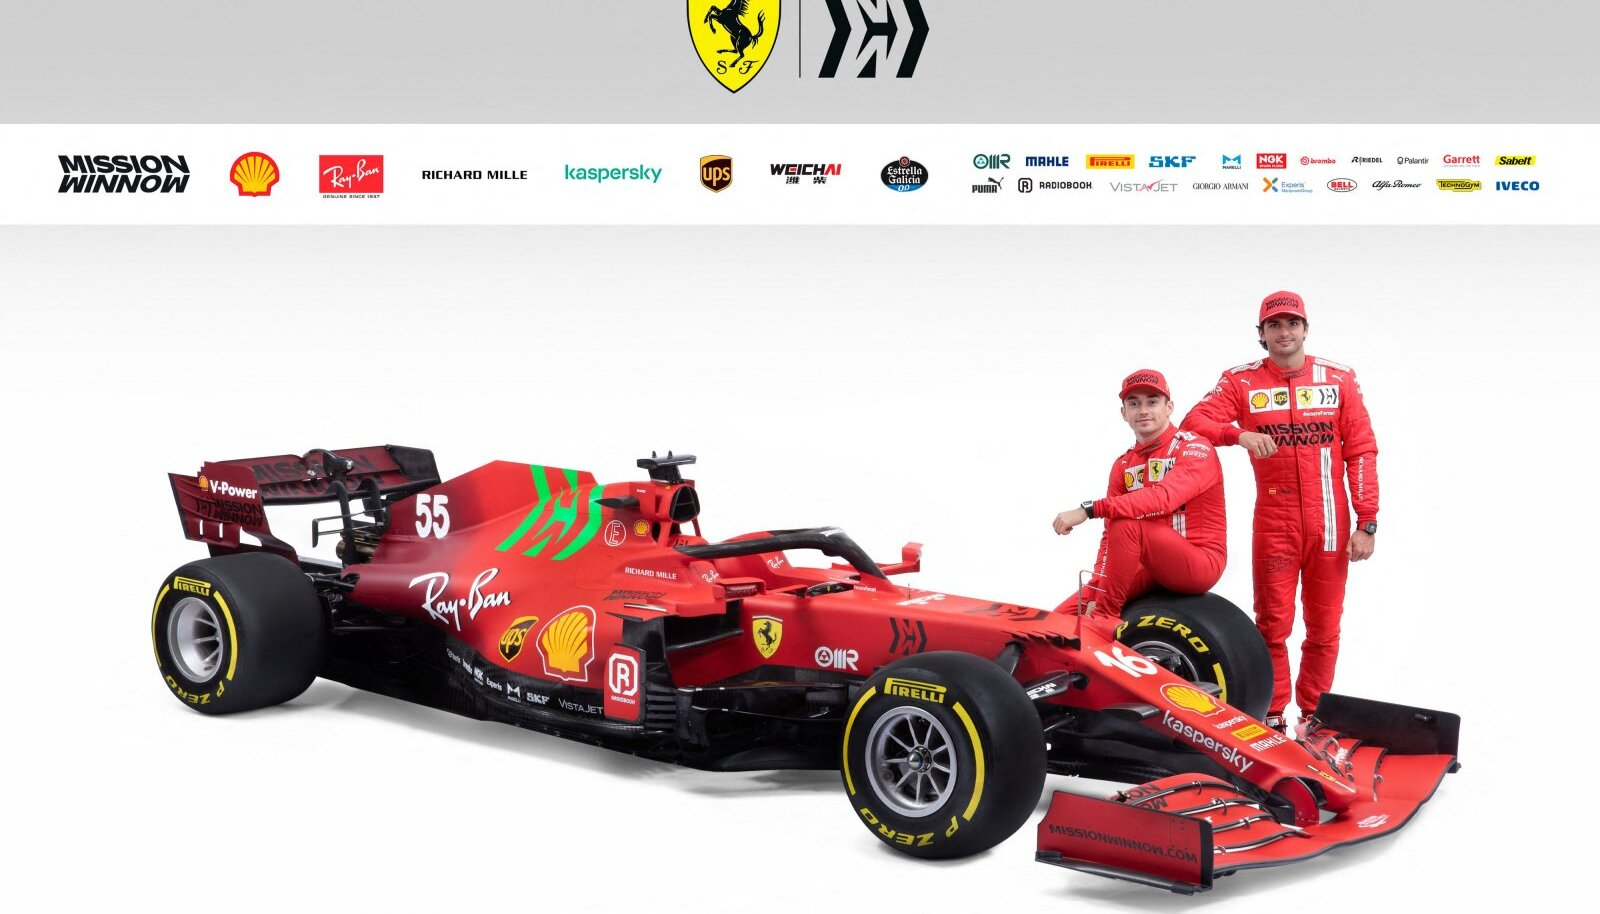 Ferrari F1 meeskonna tänavune auto ning põhisõitjad Charles Leclerc ja Carlos Sainz.